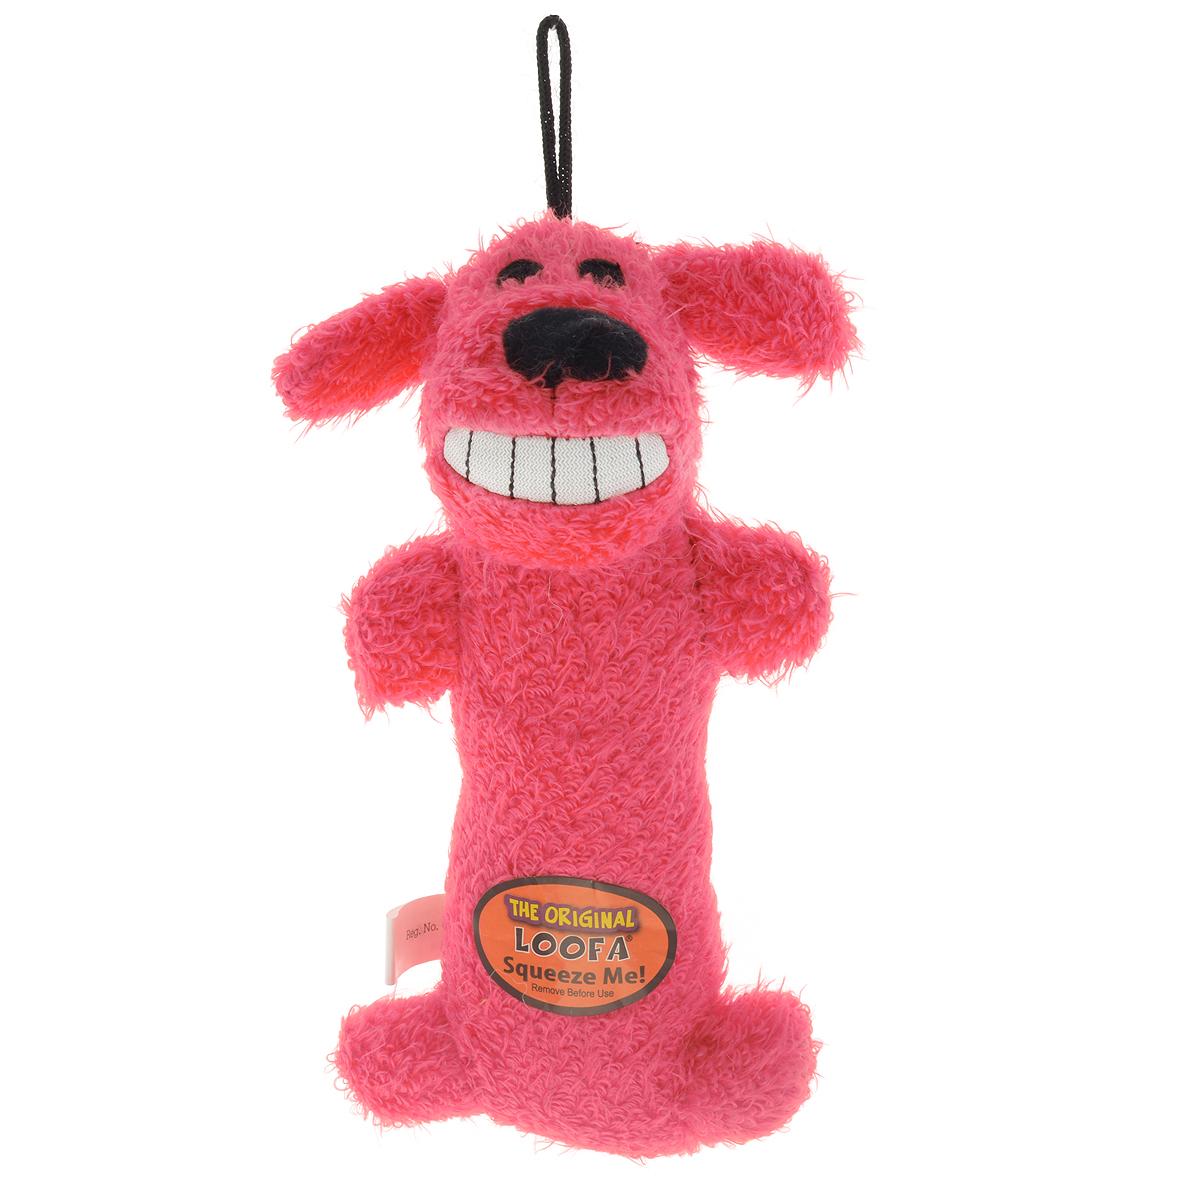 Игрушка для животных Multipet Собака, с пищалкой, цвет: розовый12-47711Игрушка Multipet Собака изготовлена из прочного и долговечного полиэстера, устойчивого к разгрызанию. Необычная и забавная игрушка прекрасно подойдет для собак и кошек, любящих плюшевые игрушки с пищалками, так как в игрушку вшиты 2 пищалки с разным звучанием.